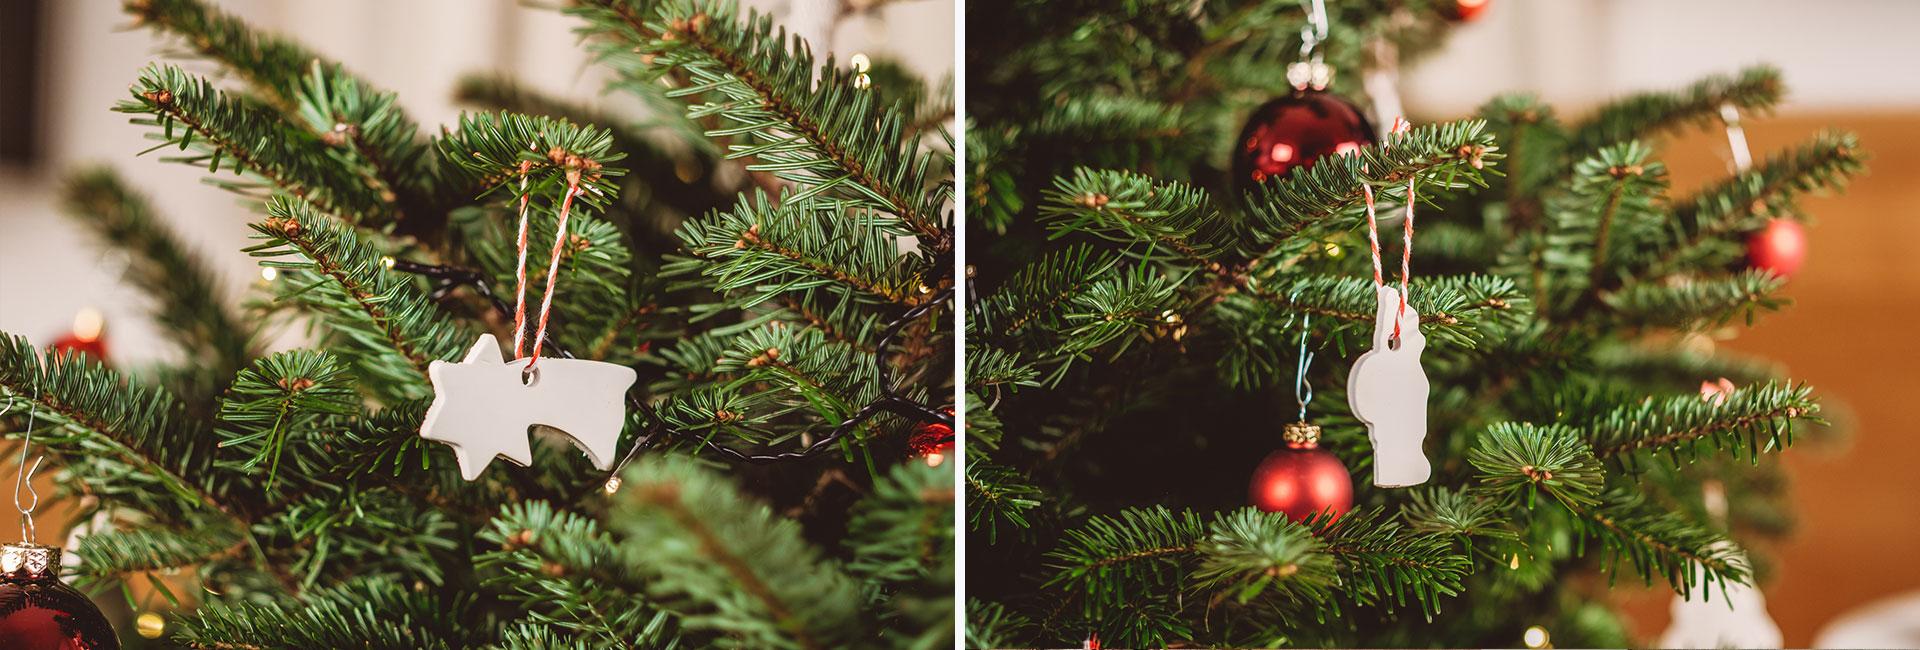 Wohnachtsanhänger 1